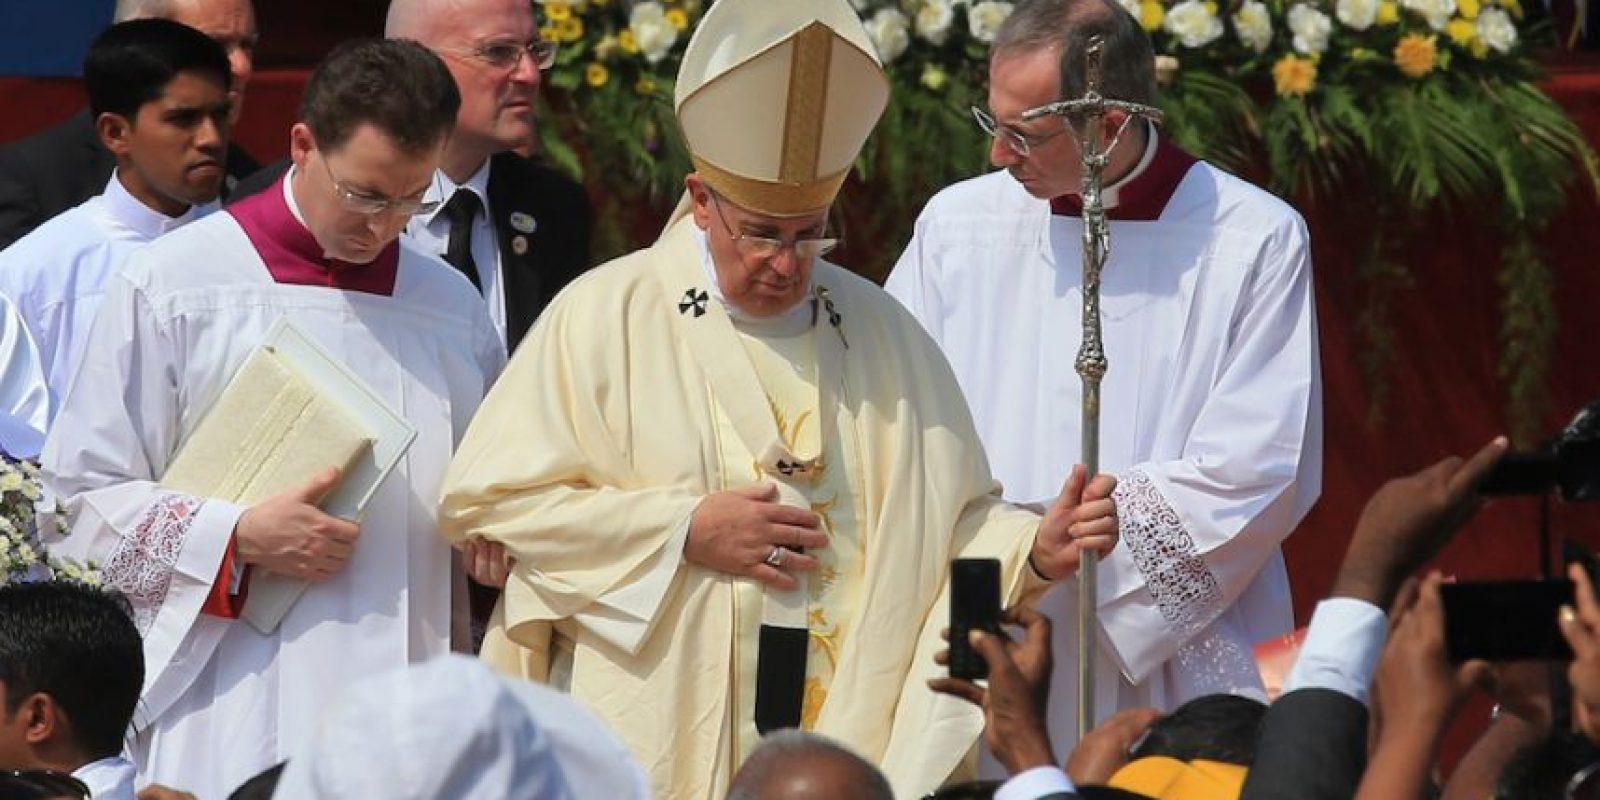 Frases que marcaron el último viaje del Papa Francisco Foto:Getty Images